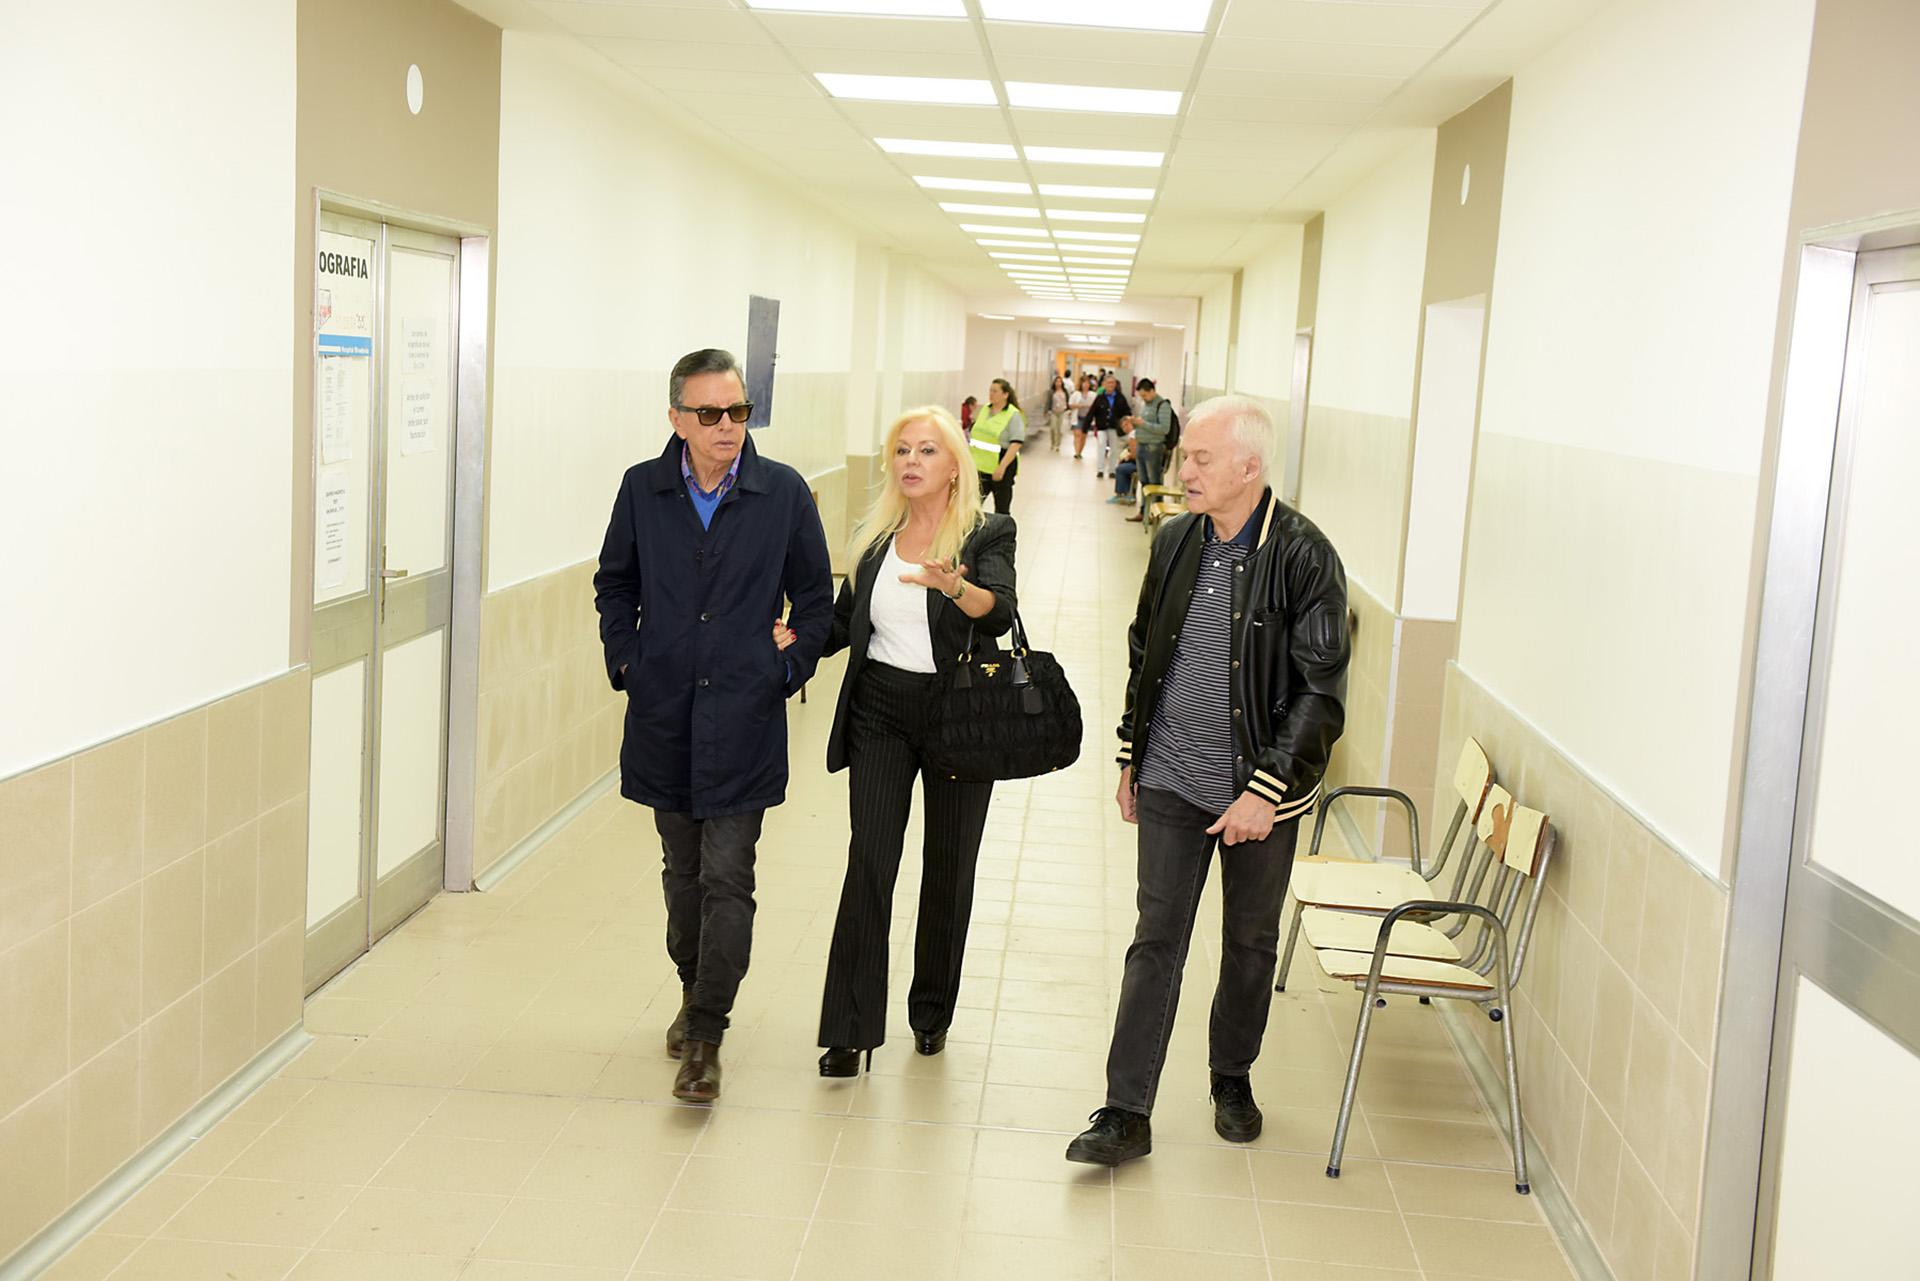 De la mano de Diana Chugri, Palito Ortega y Lalo Fransen recorrieron las obras ya terminadas del Hospital y que pudieron llevarse a cabo gracias a los fondos recaudados por la Fundación Argentina por Más, como los mil metros cuadrados de consultorios externos ubicados en la planta baja